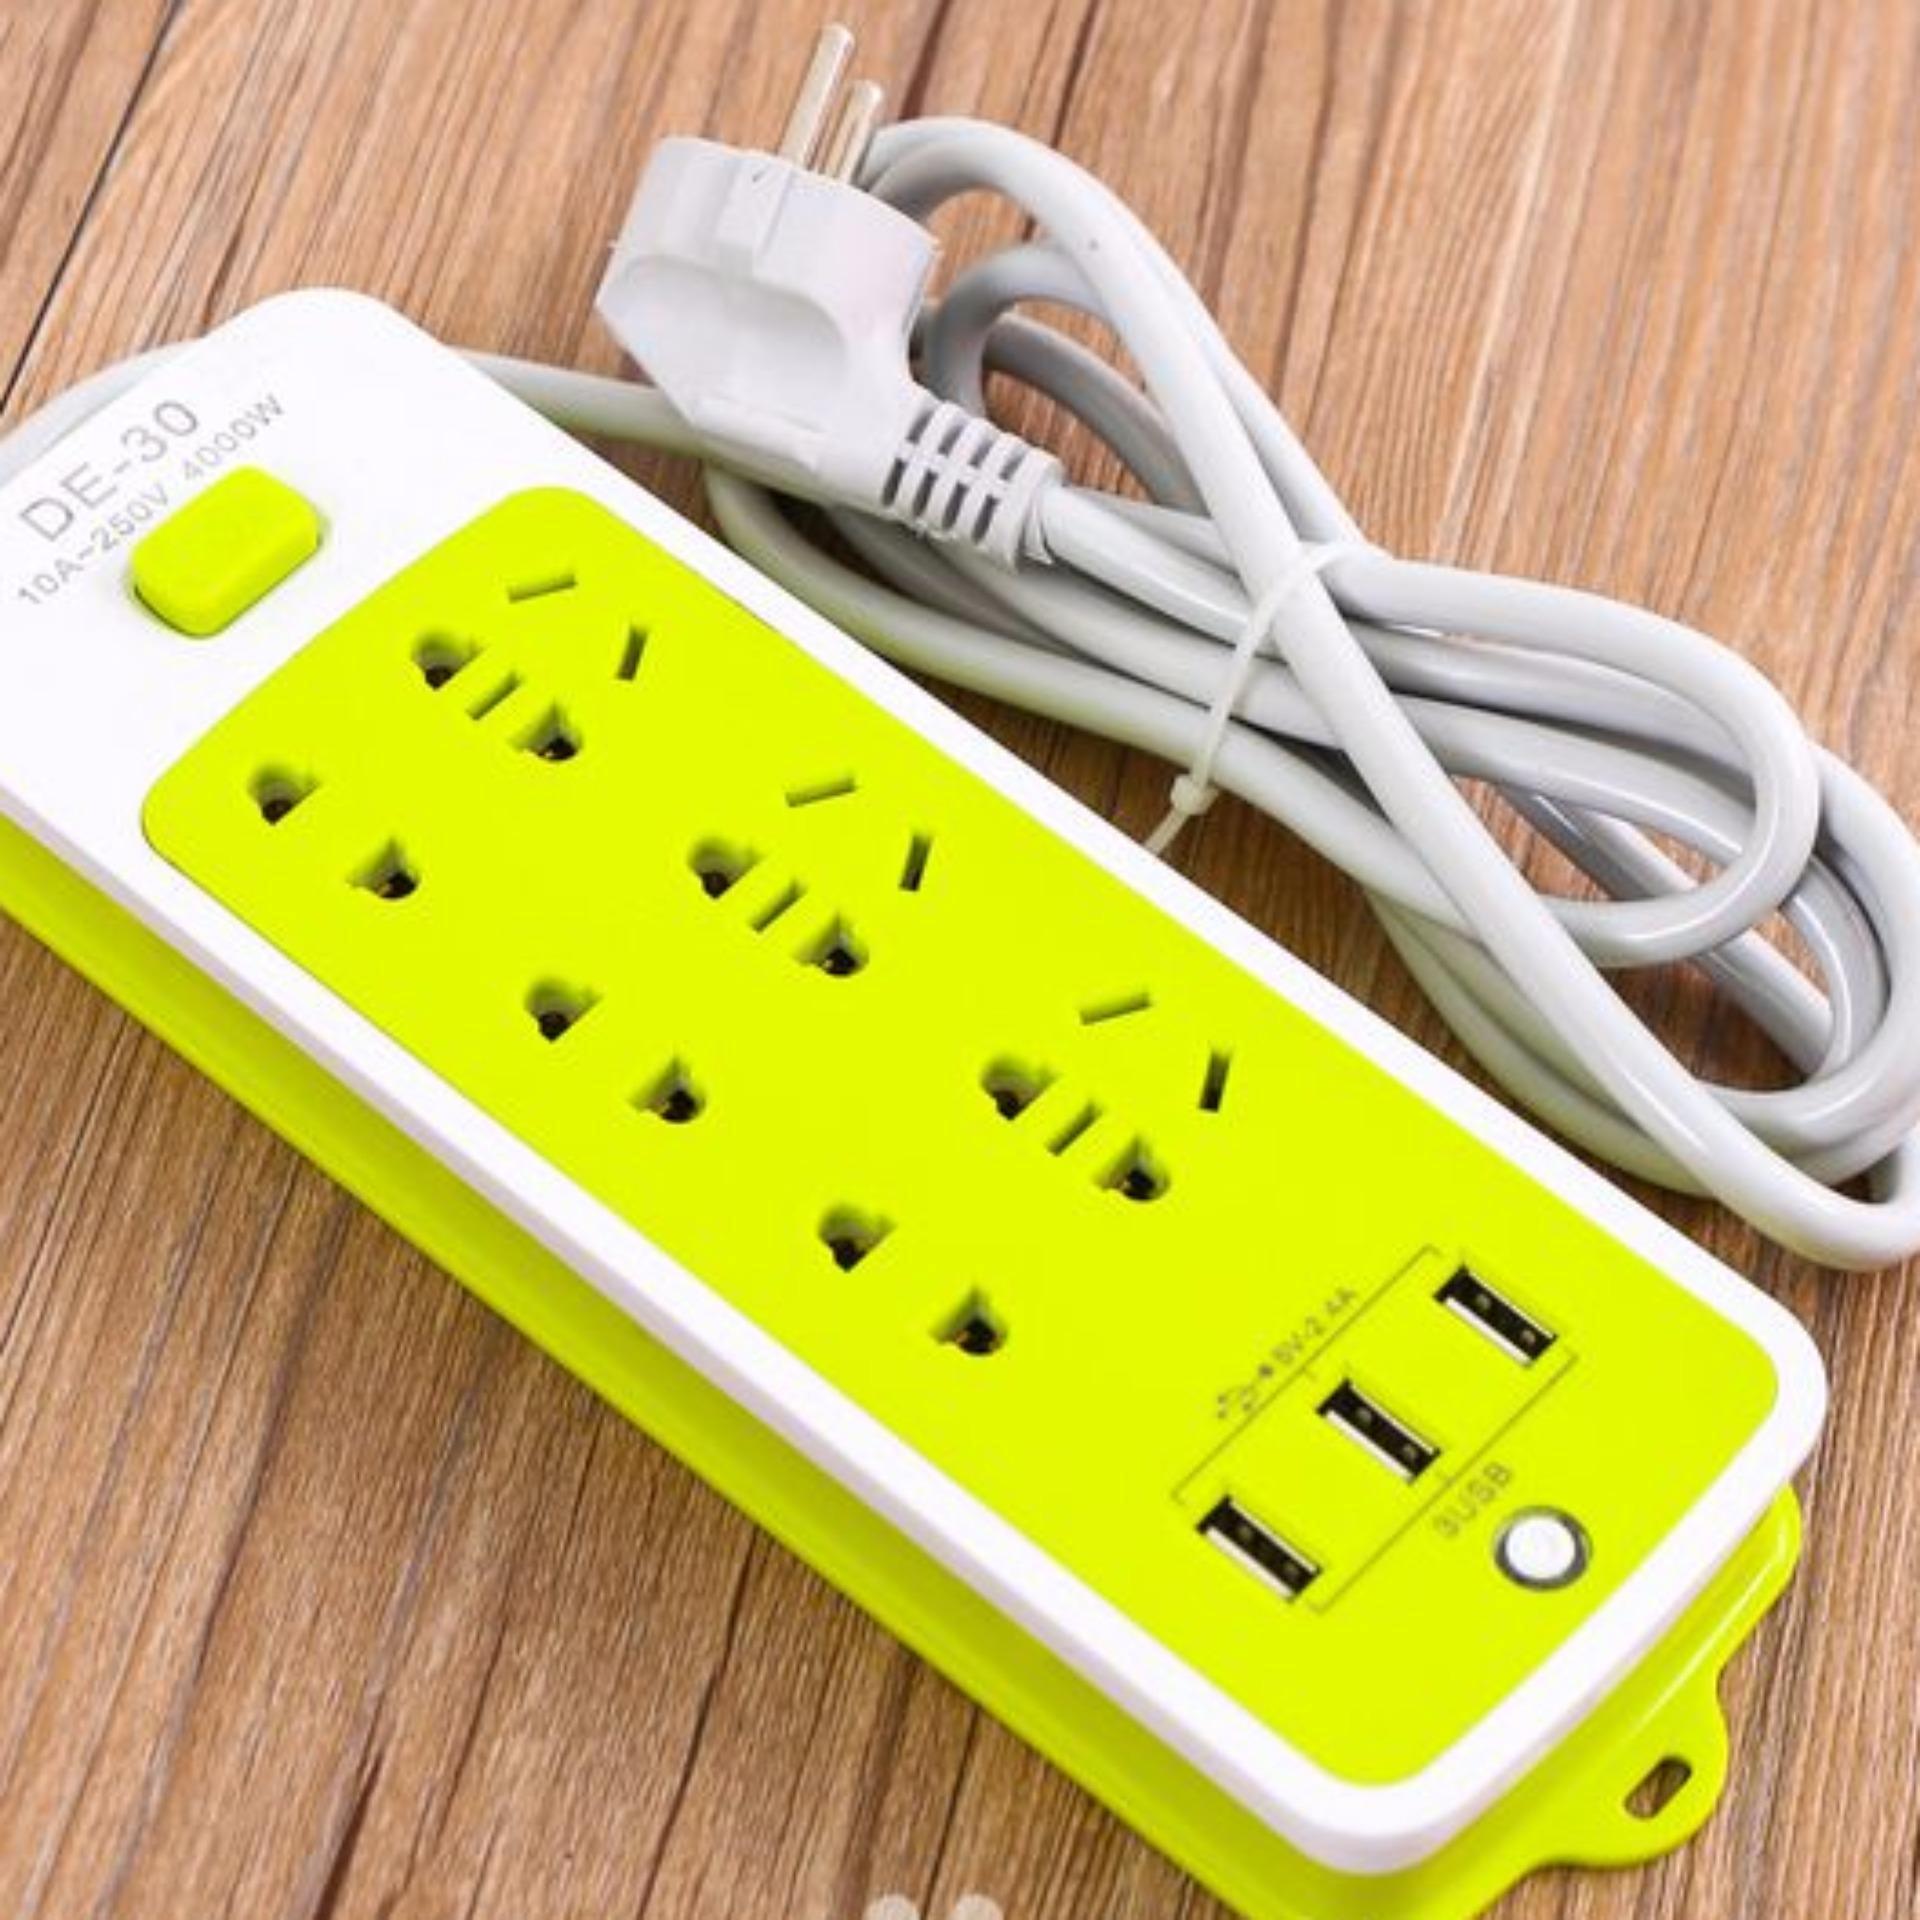 Ổ CẮM ĐIỆN ĐA NĂNG THÔNG MINH CÓ CỔNG USB SẠC NHANH 2A AN TOÀN CHỐNG GIẬT SIÊU TIỆN LỢI - Ổ CẮM ĐIỆN 6 PHÍCH CẮM 3 CỔNG USB SẠC NHANH 2A giá rẻ